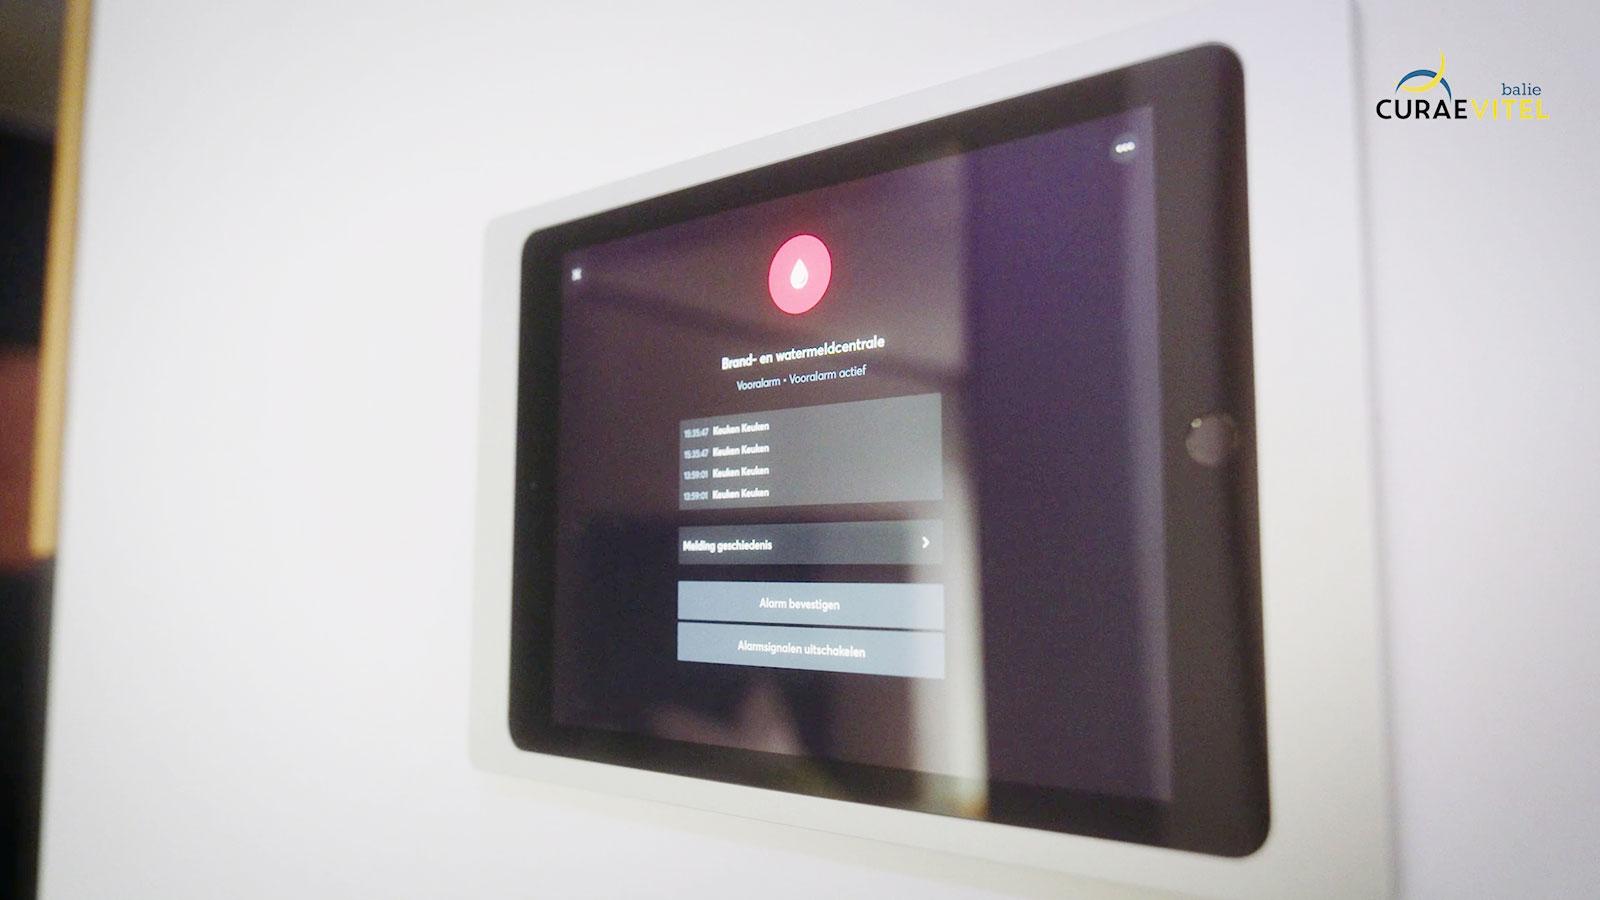 brandalarm-vastgoedvideo-laten-maken-voor-projectontwikkelaar-makelaardij-instelling-zorgfilm-smarthome-slimme-woning-(9)